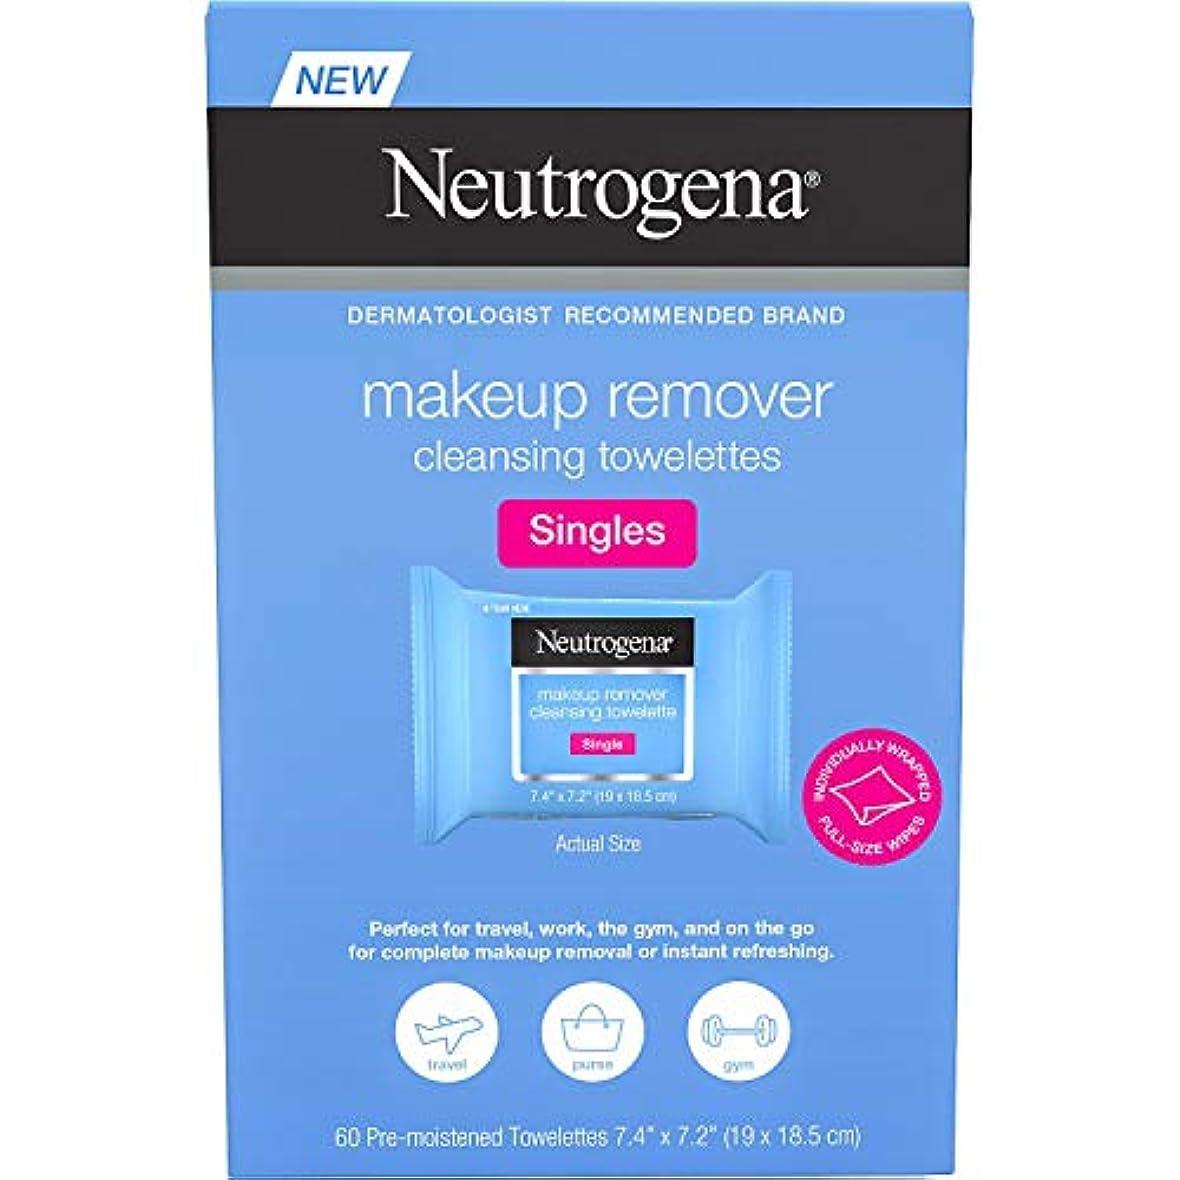 次考古学的な粒NEUTROGENA Makeup Remover Cleansing Towelettes Singles Pack - 60 Count -2 Pack